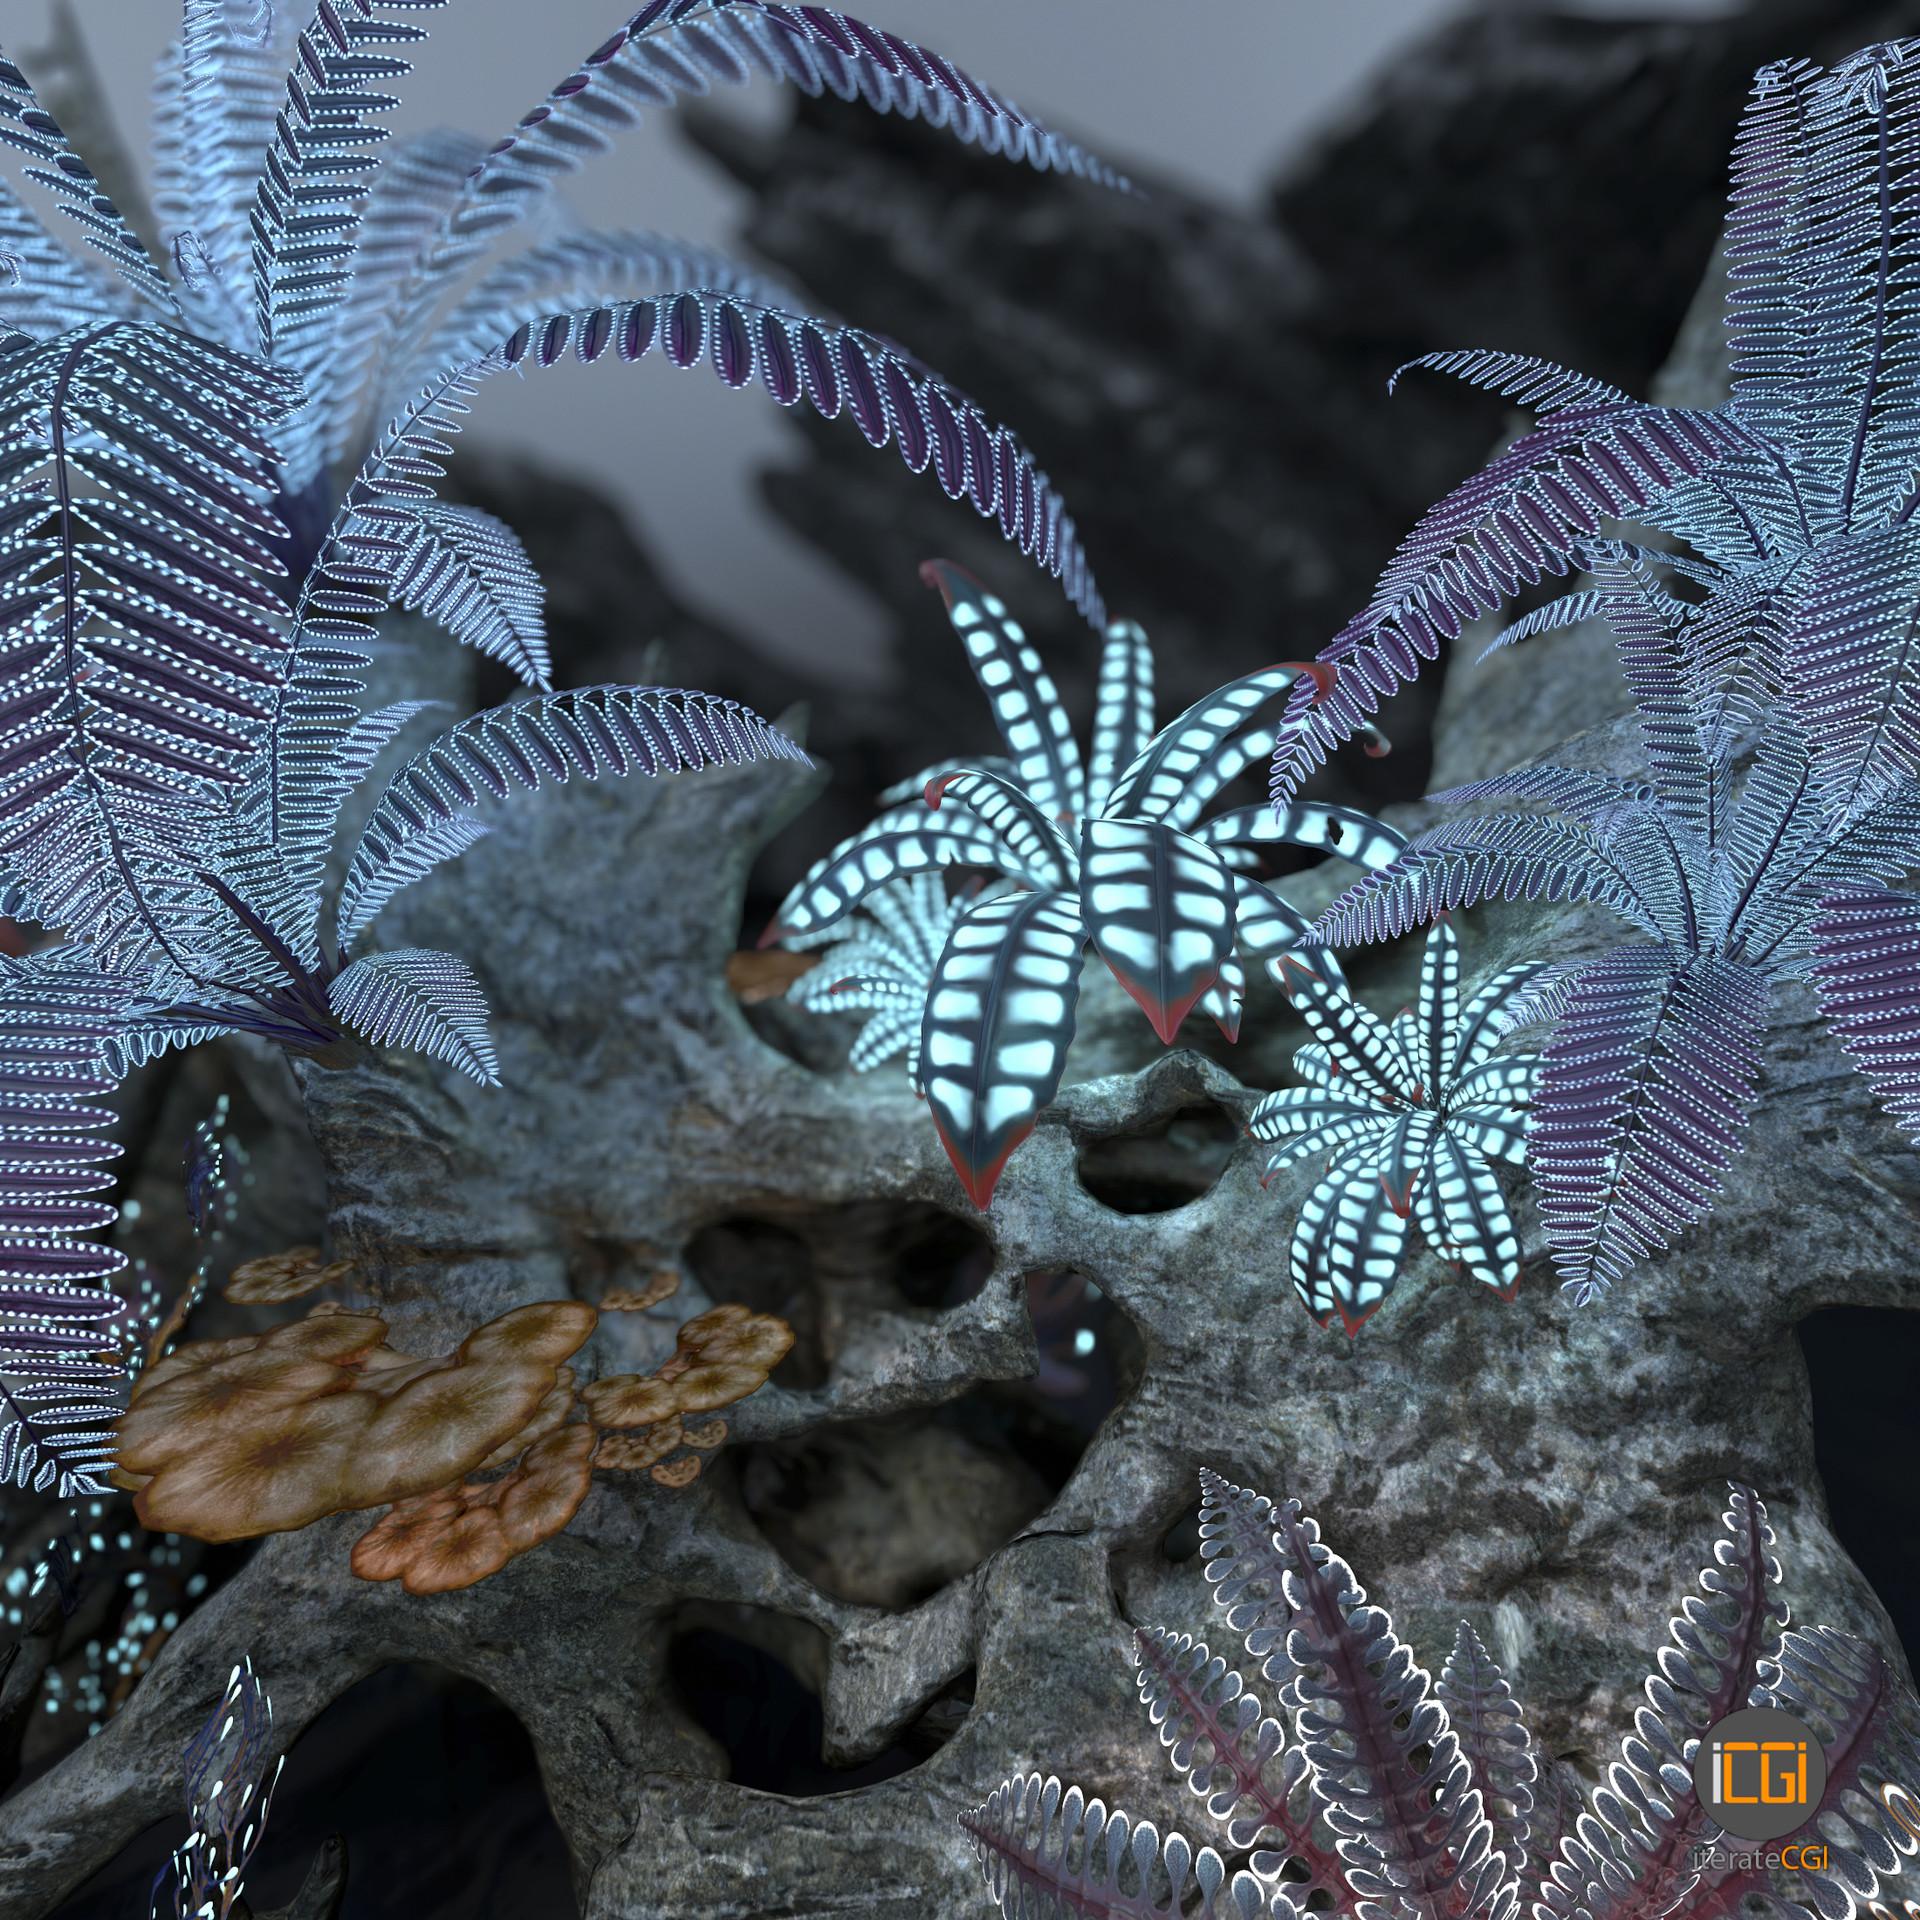 Johan de leenheer alien plant collection48